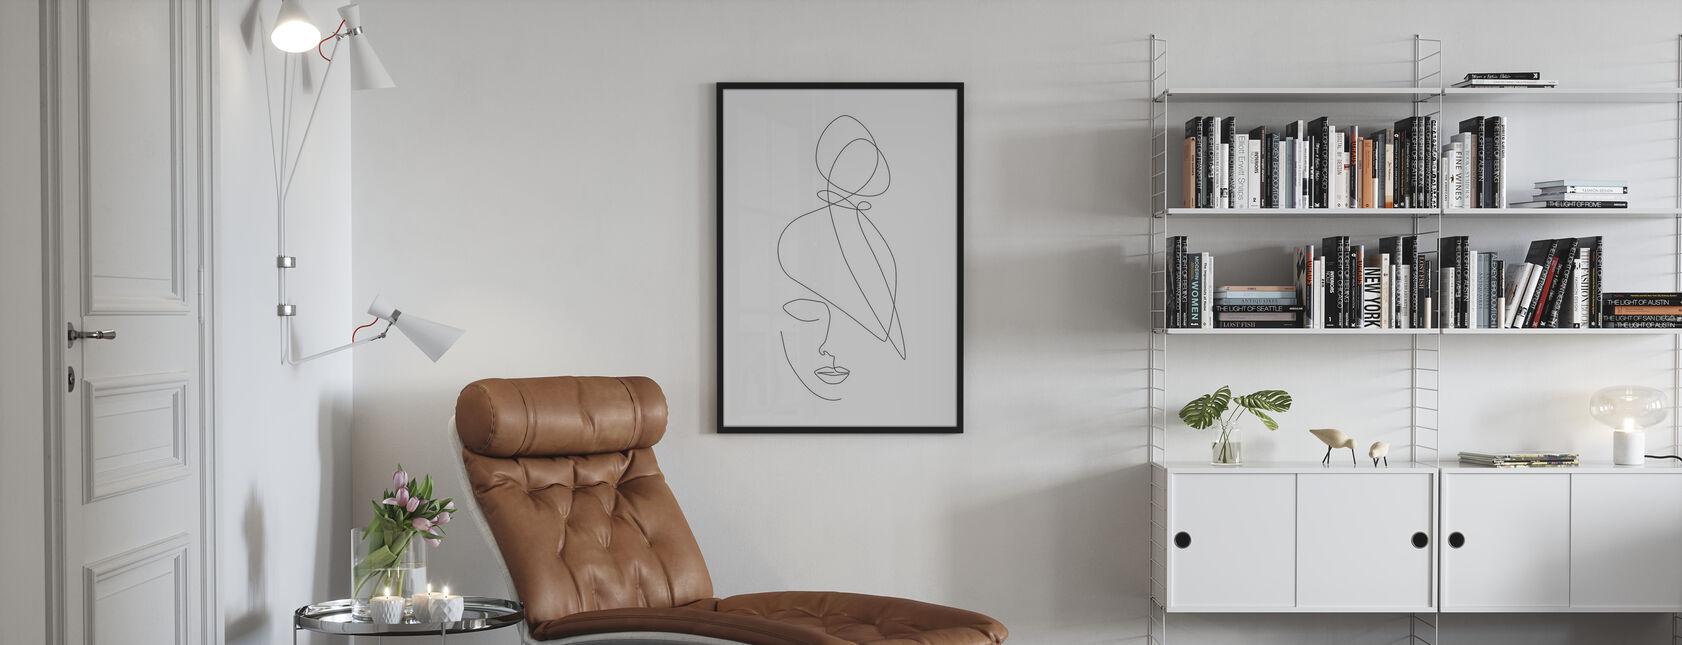 Frisuren Linien - Poster - Wohnzimmer